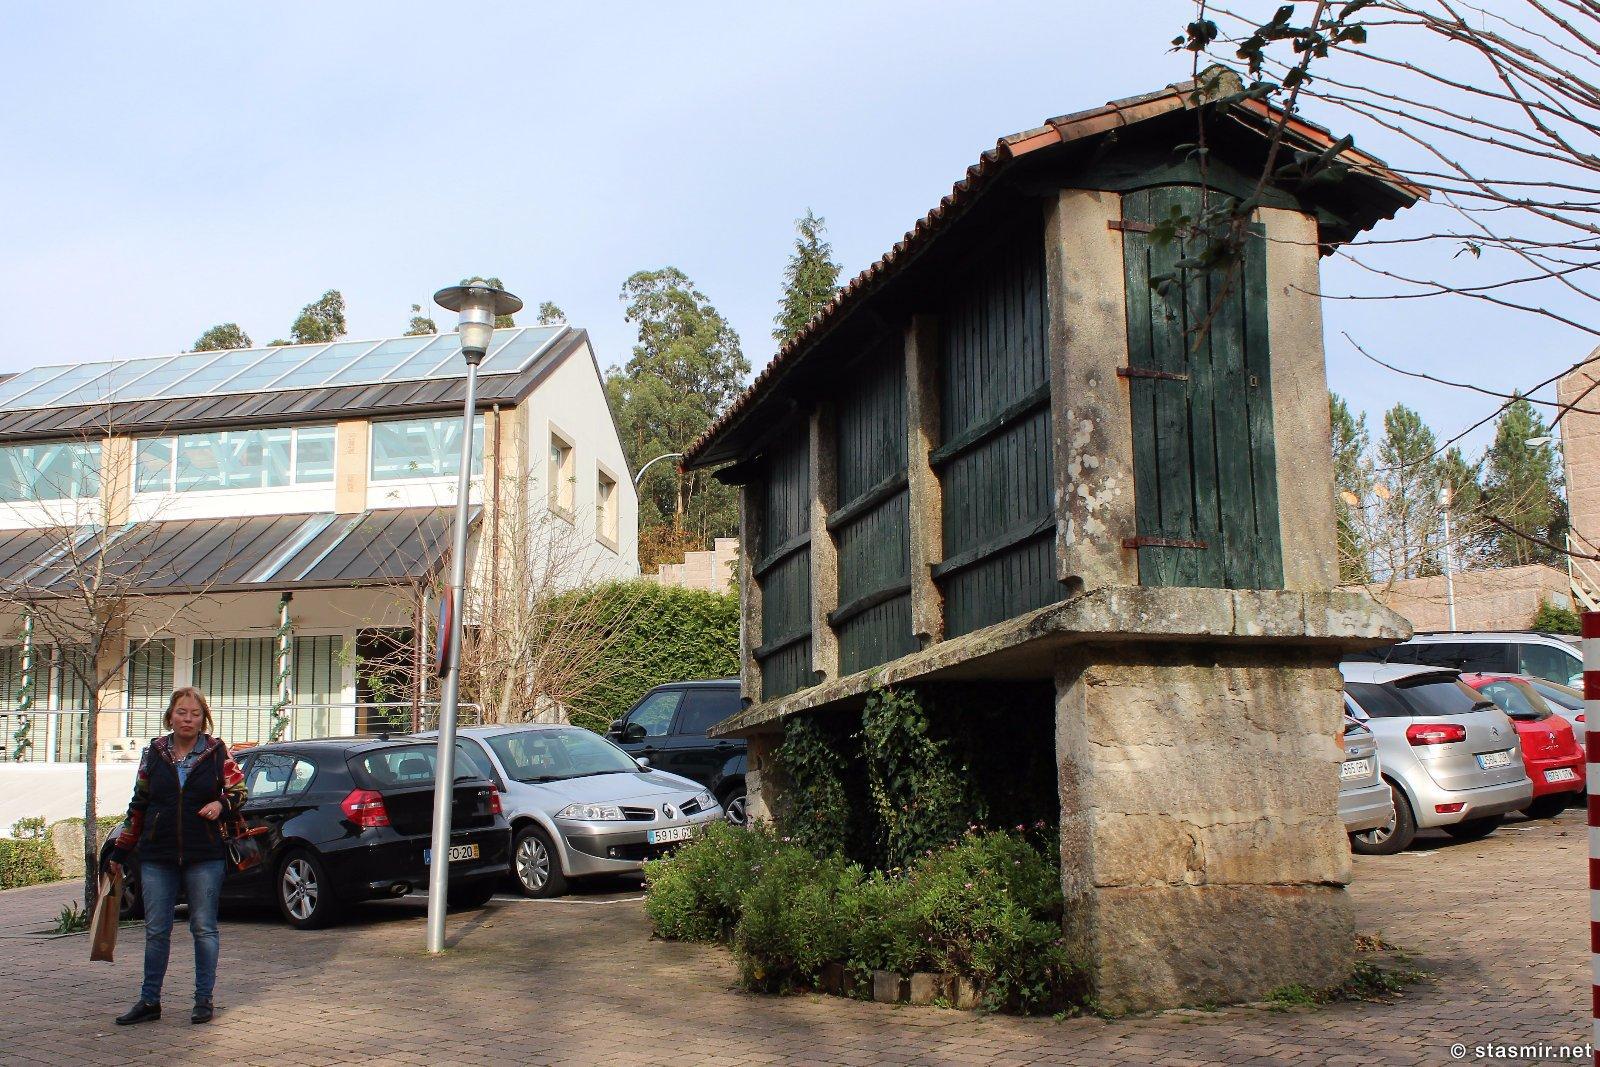 хранилище для зерна в Галисии на территории отеля Quinta da Auga в пригородах Сантьяго-де-Компостела